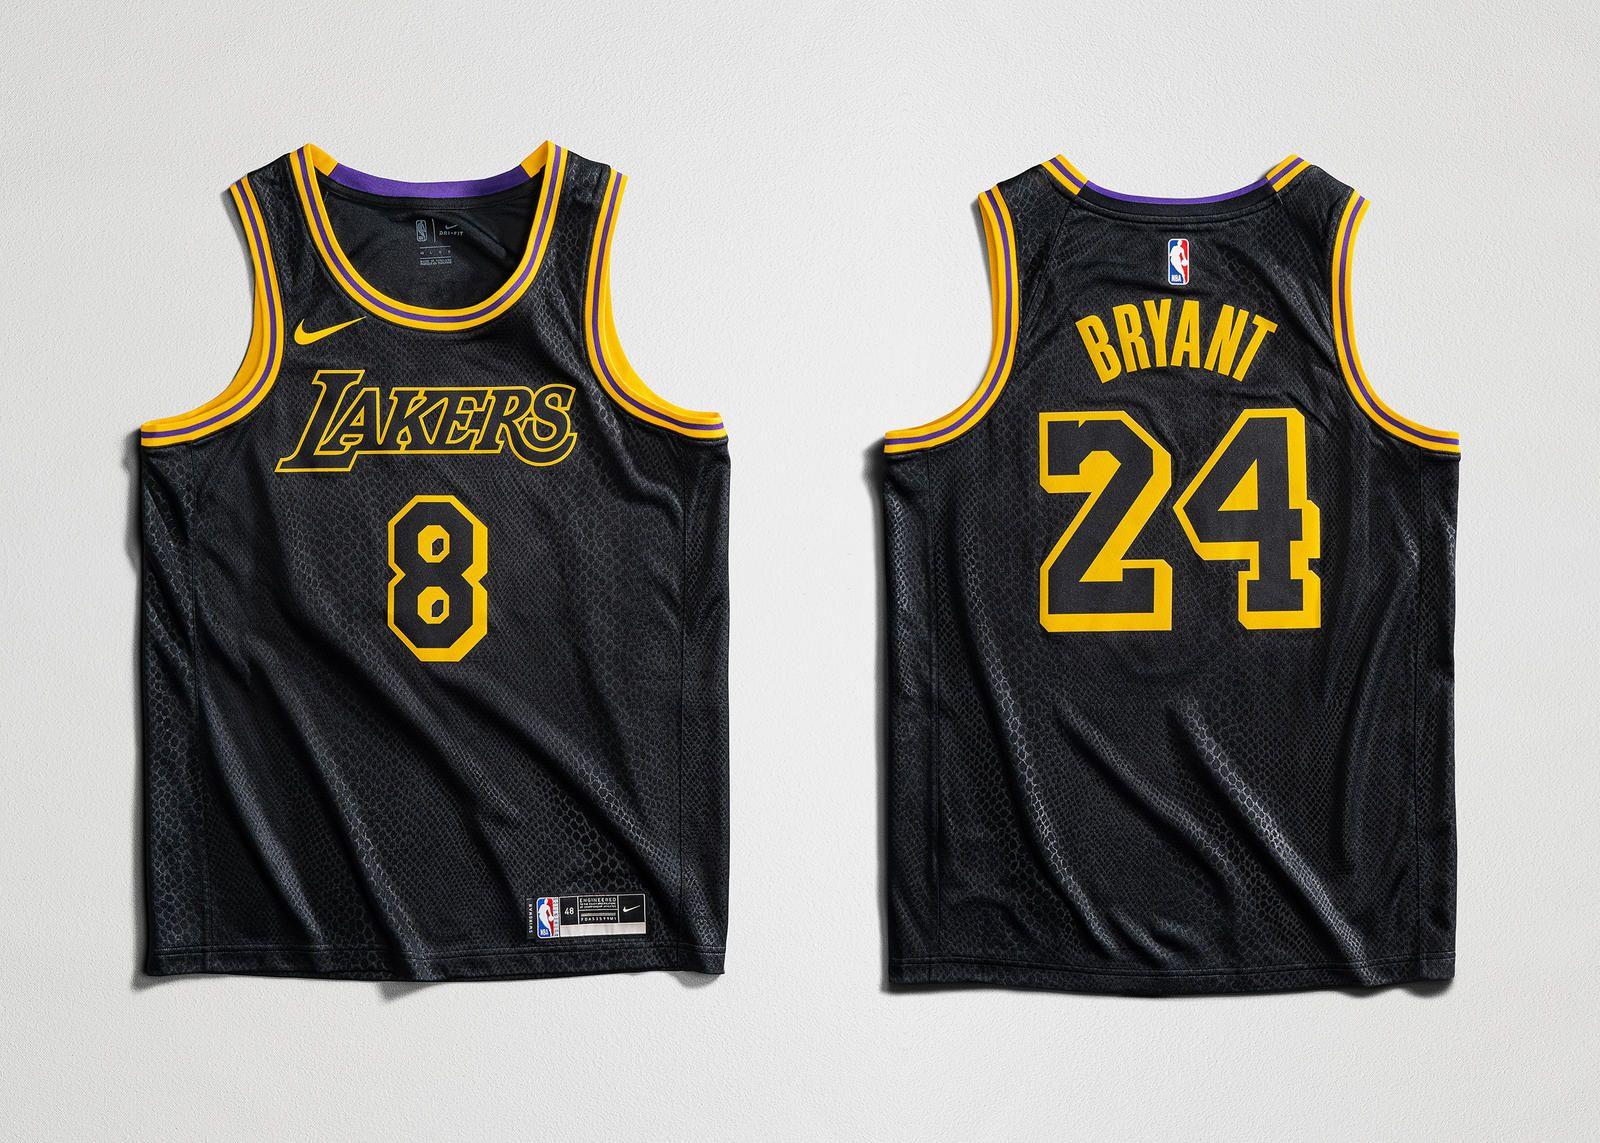 Check Out The Kobe Footwear For Mamba Week In 2020 Kobe Bryant Shoes Kobe Nike Kobe Bryant